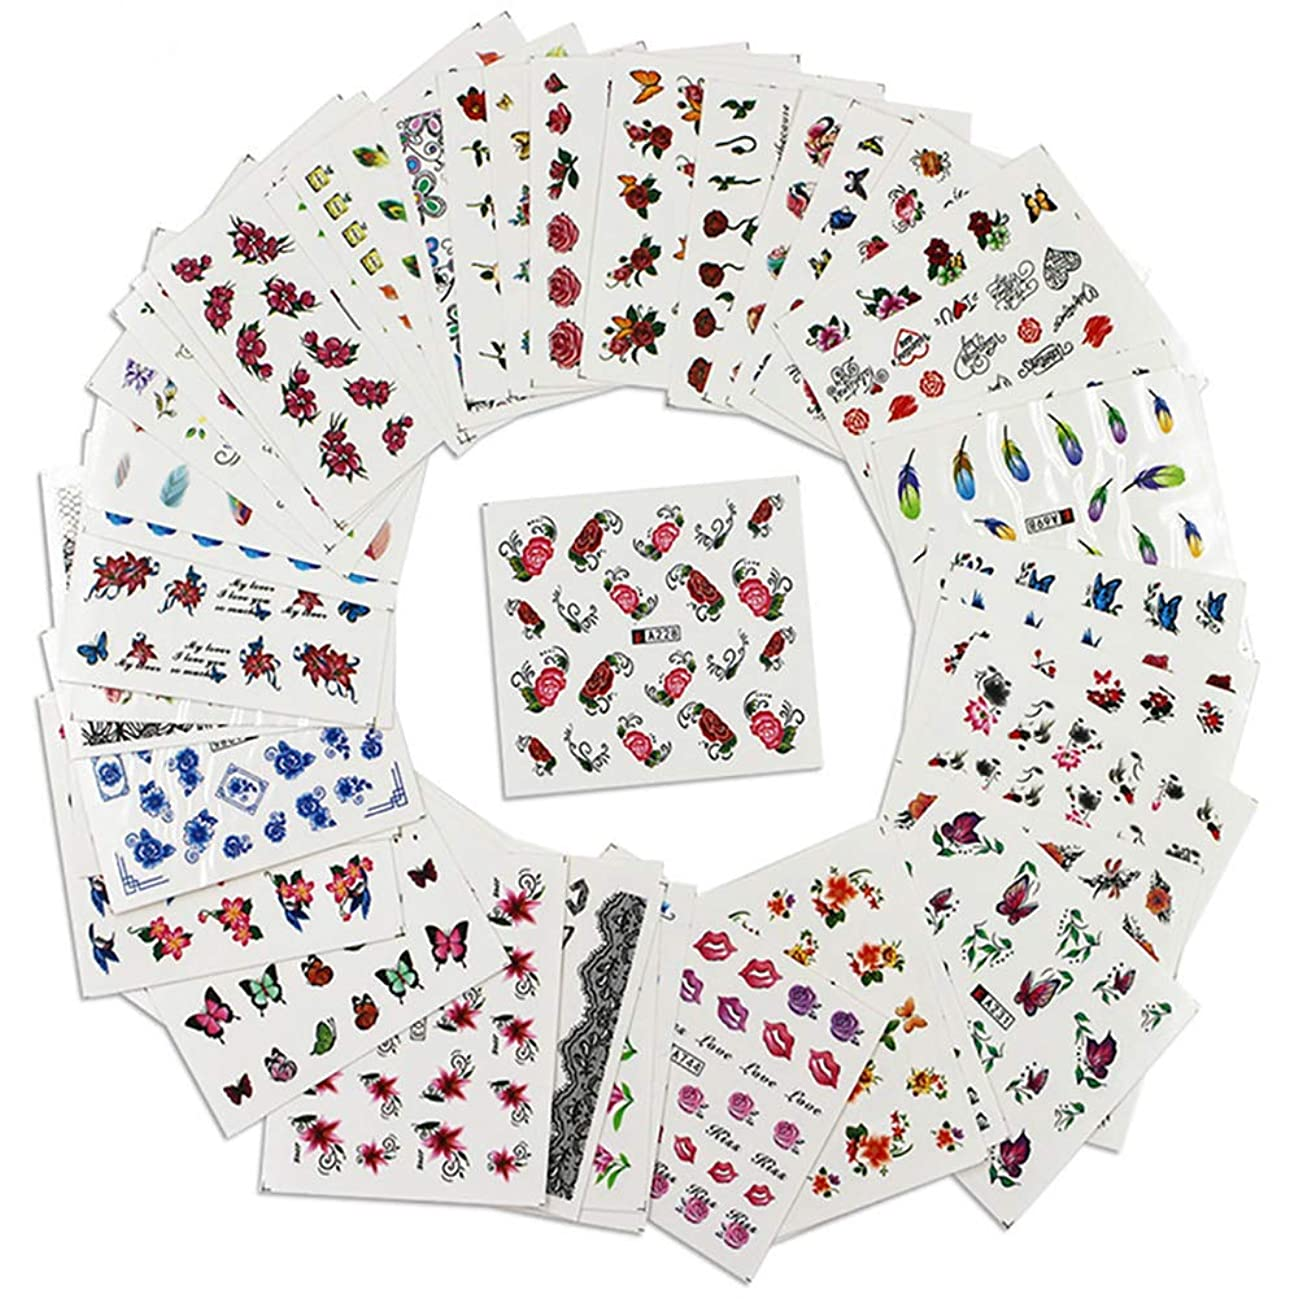 送る安全性脊椎Poonikuu3Dネイルアクセサリー DIYネイルデカール ウォーターマークのステッカー 貼るだけネイルシール 女性レディース 綺麗流行安全シンプル 50枚セット